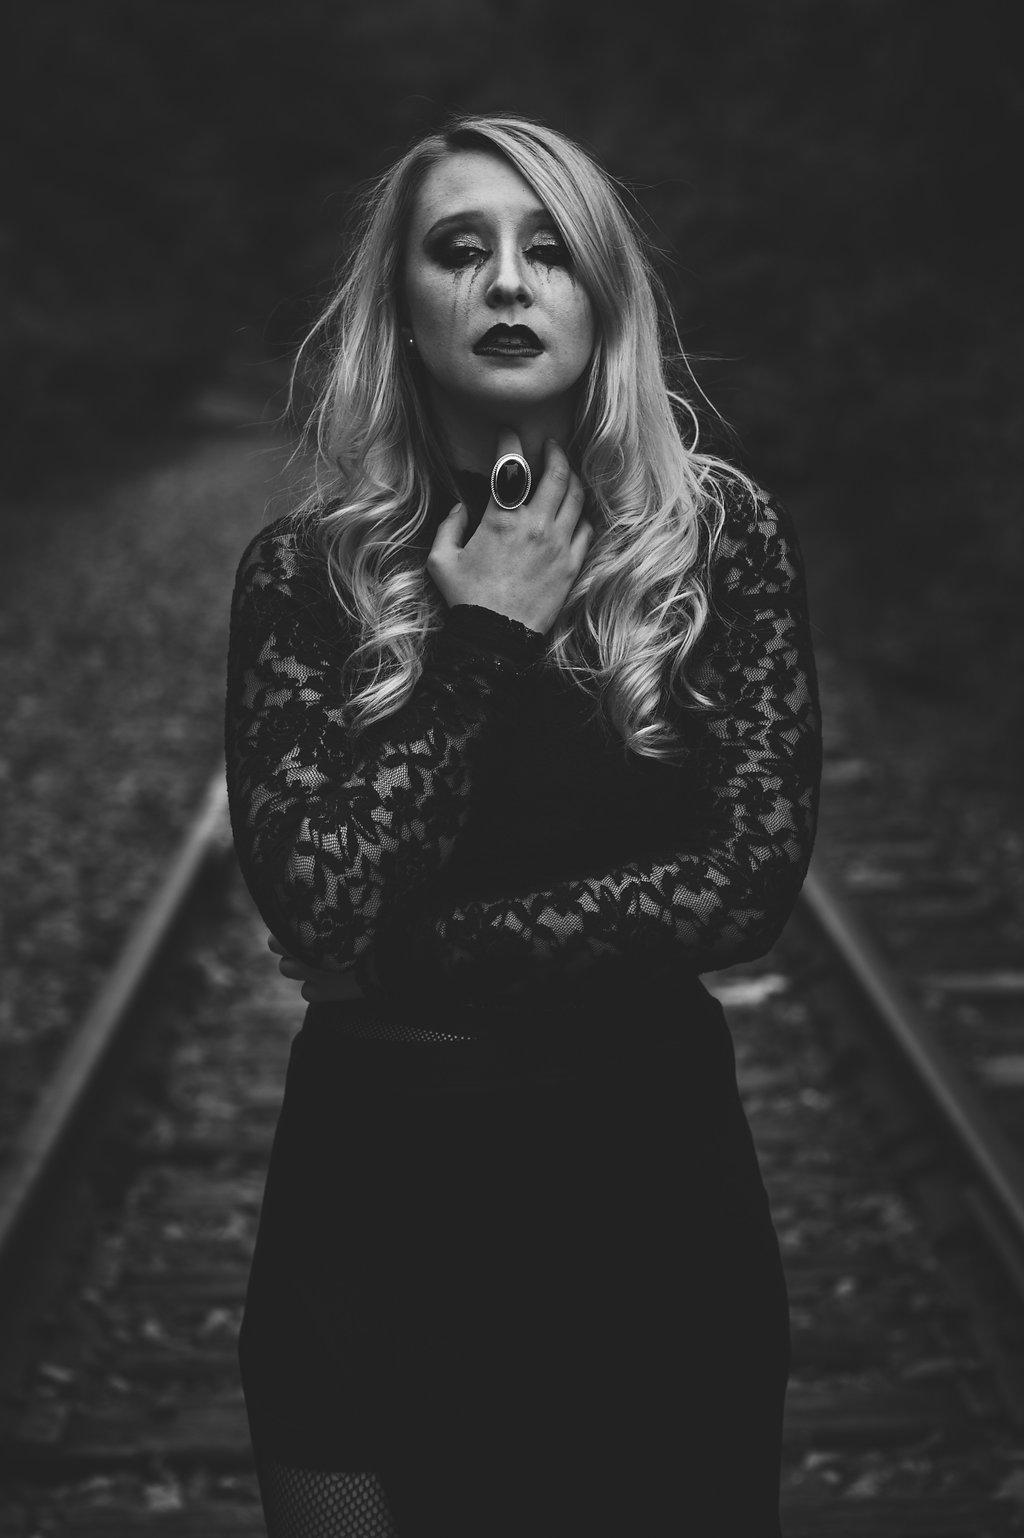 Gothic_Emo_Allison-8405.jpg